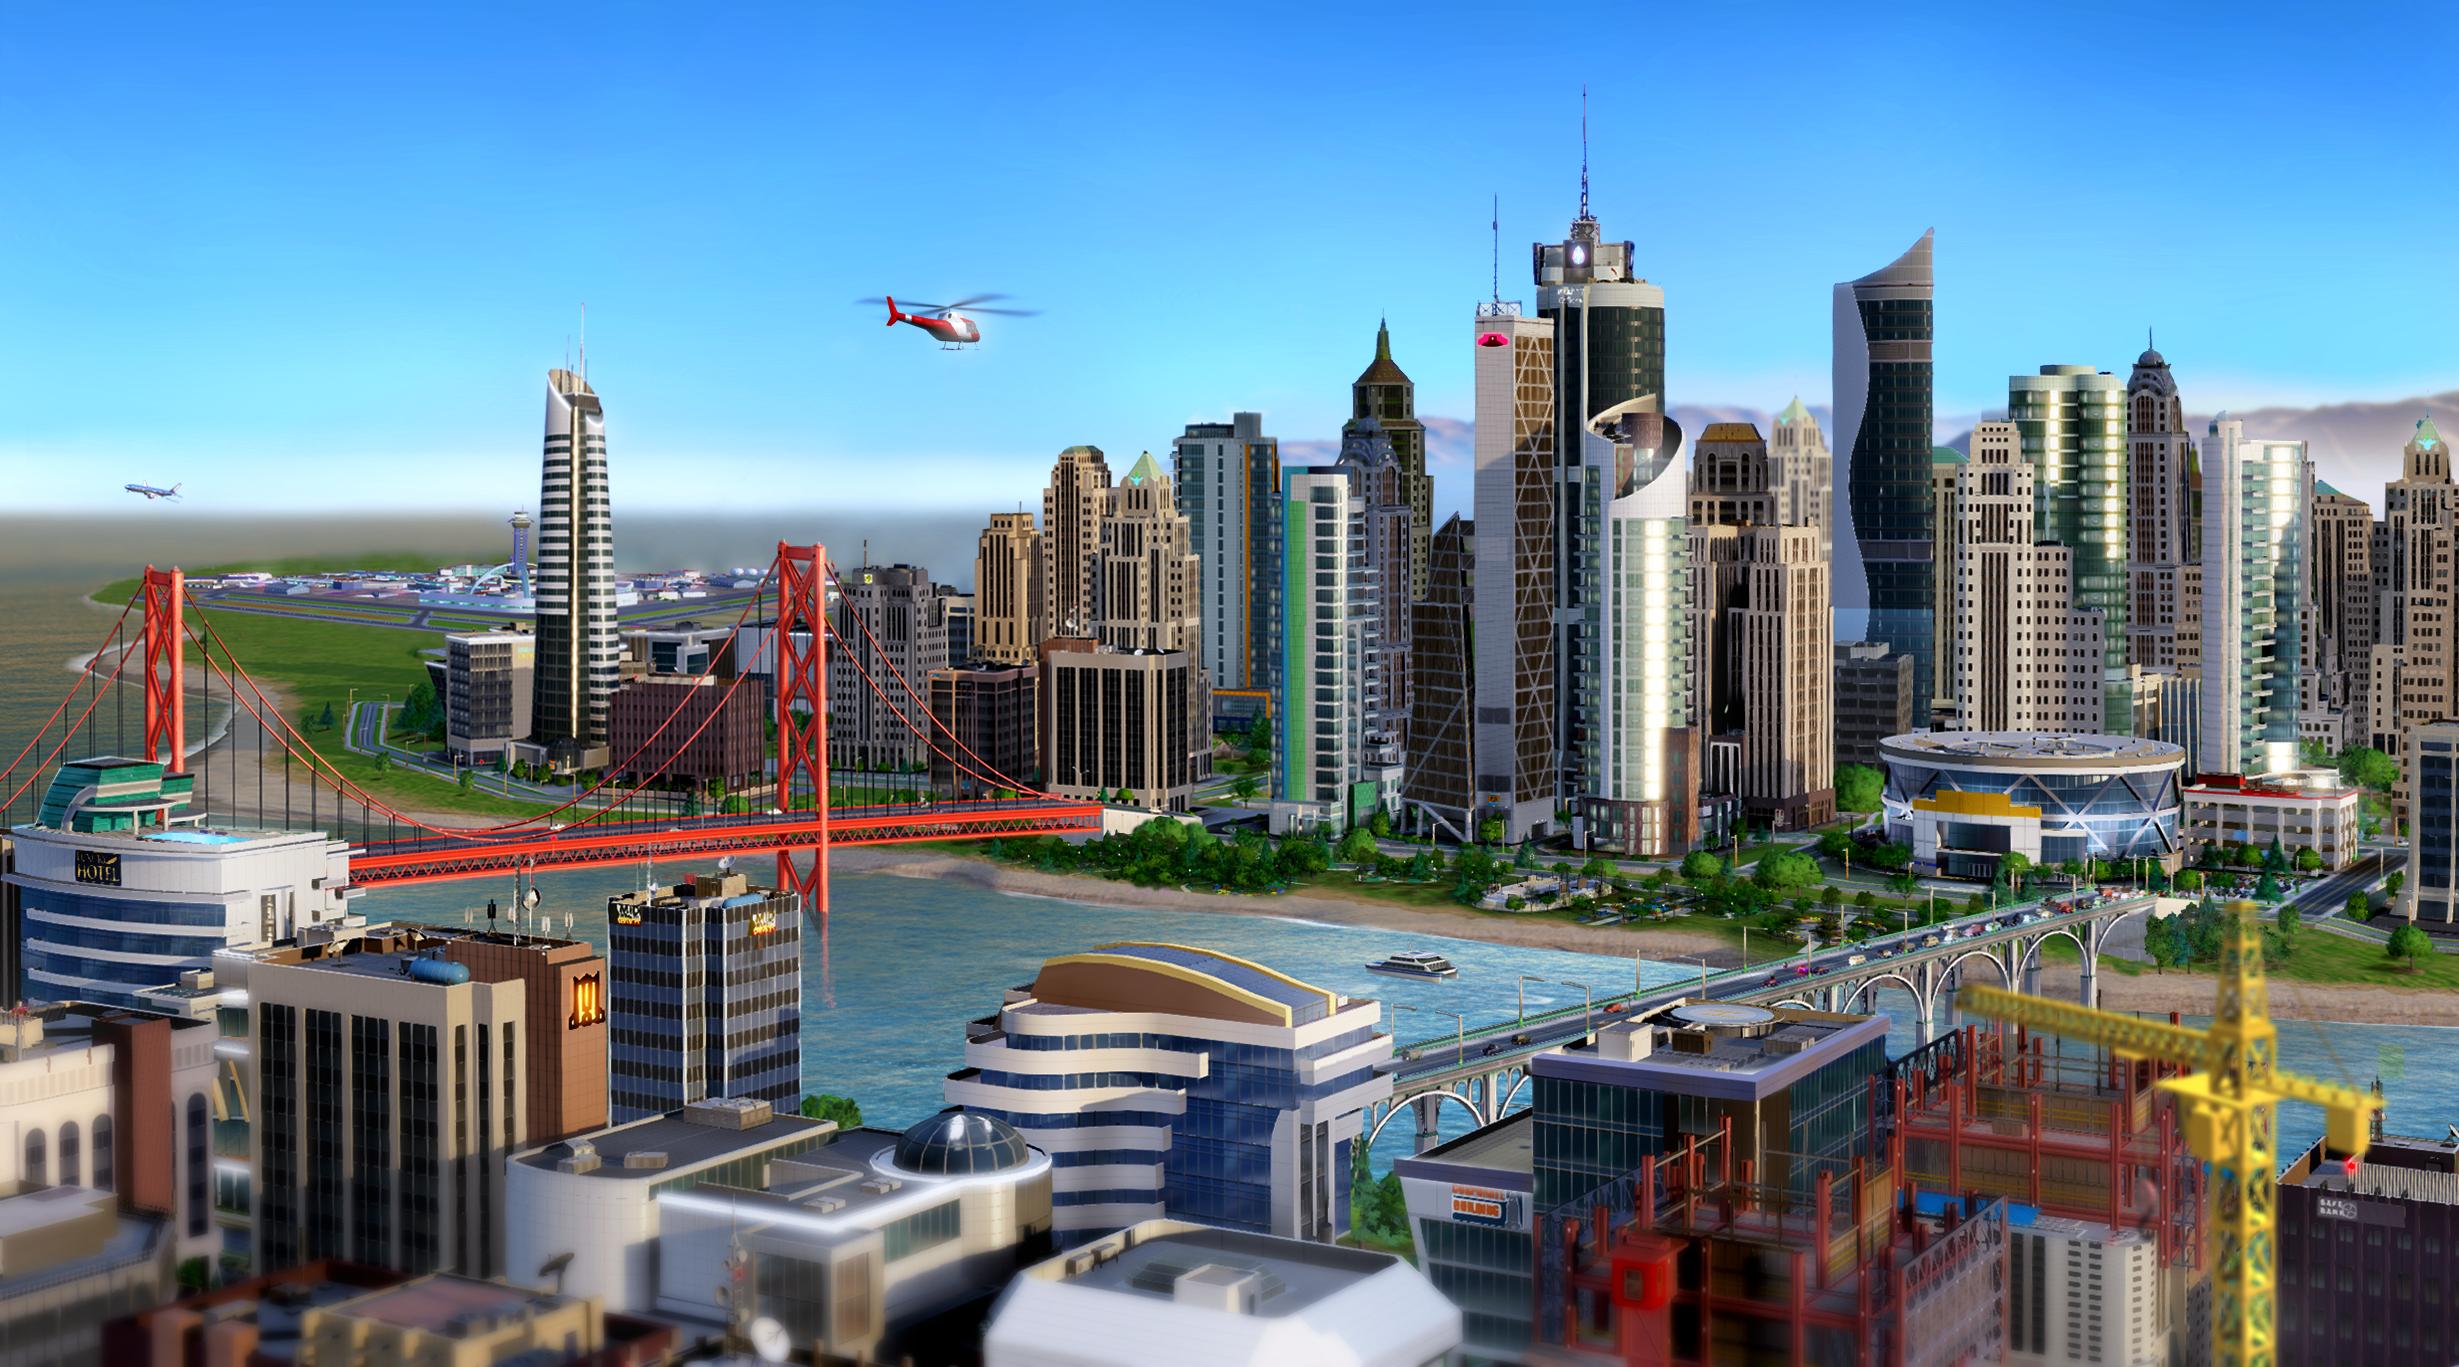 ¿Así serán las ciudades del futuro?